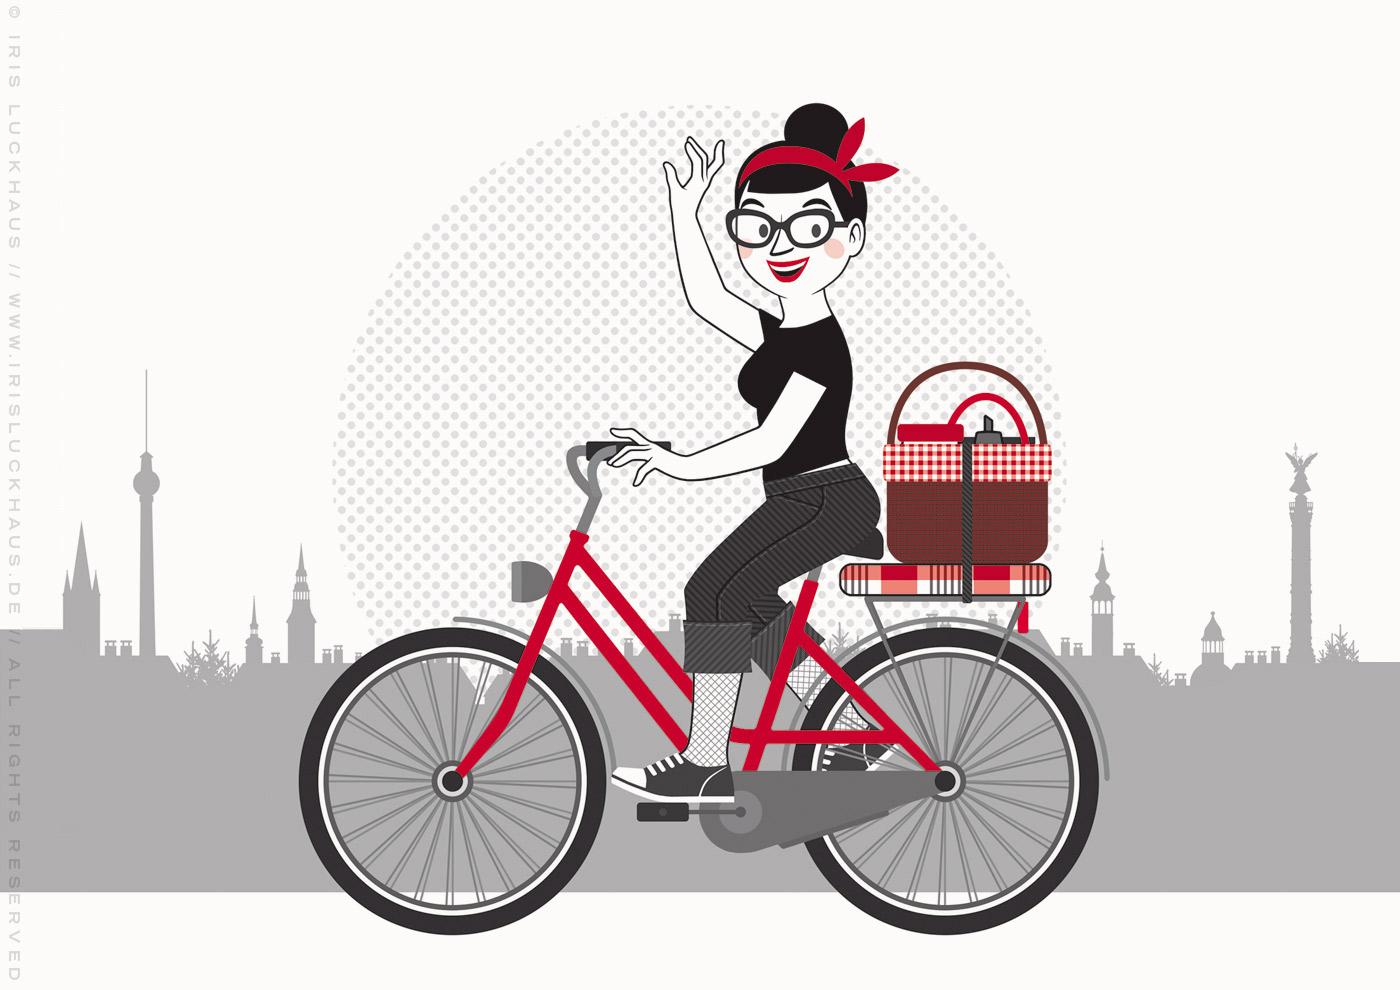 Illustration mit einer Radfahrerin, die ins Blaue fährt, für Du hast das Wort, Schätzchen! 100 charmante Geschichten rund um die Sprache im Duden Verlag von Iris Luckhaus